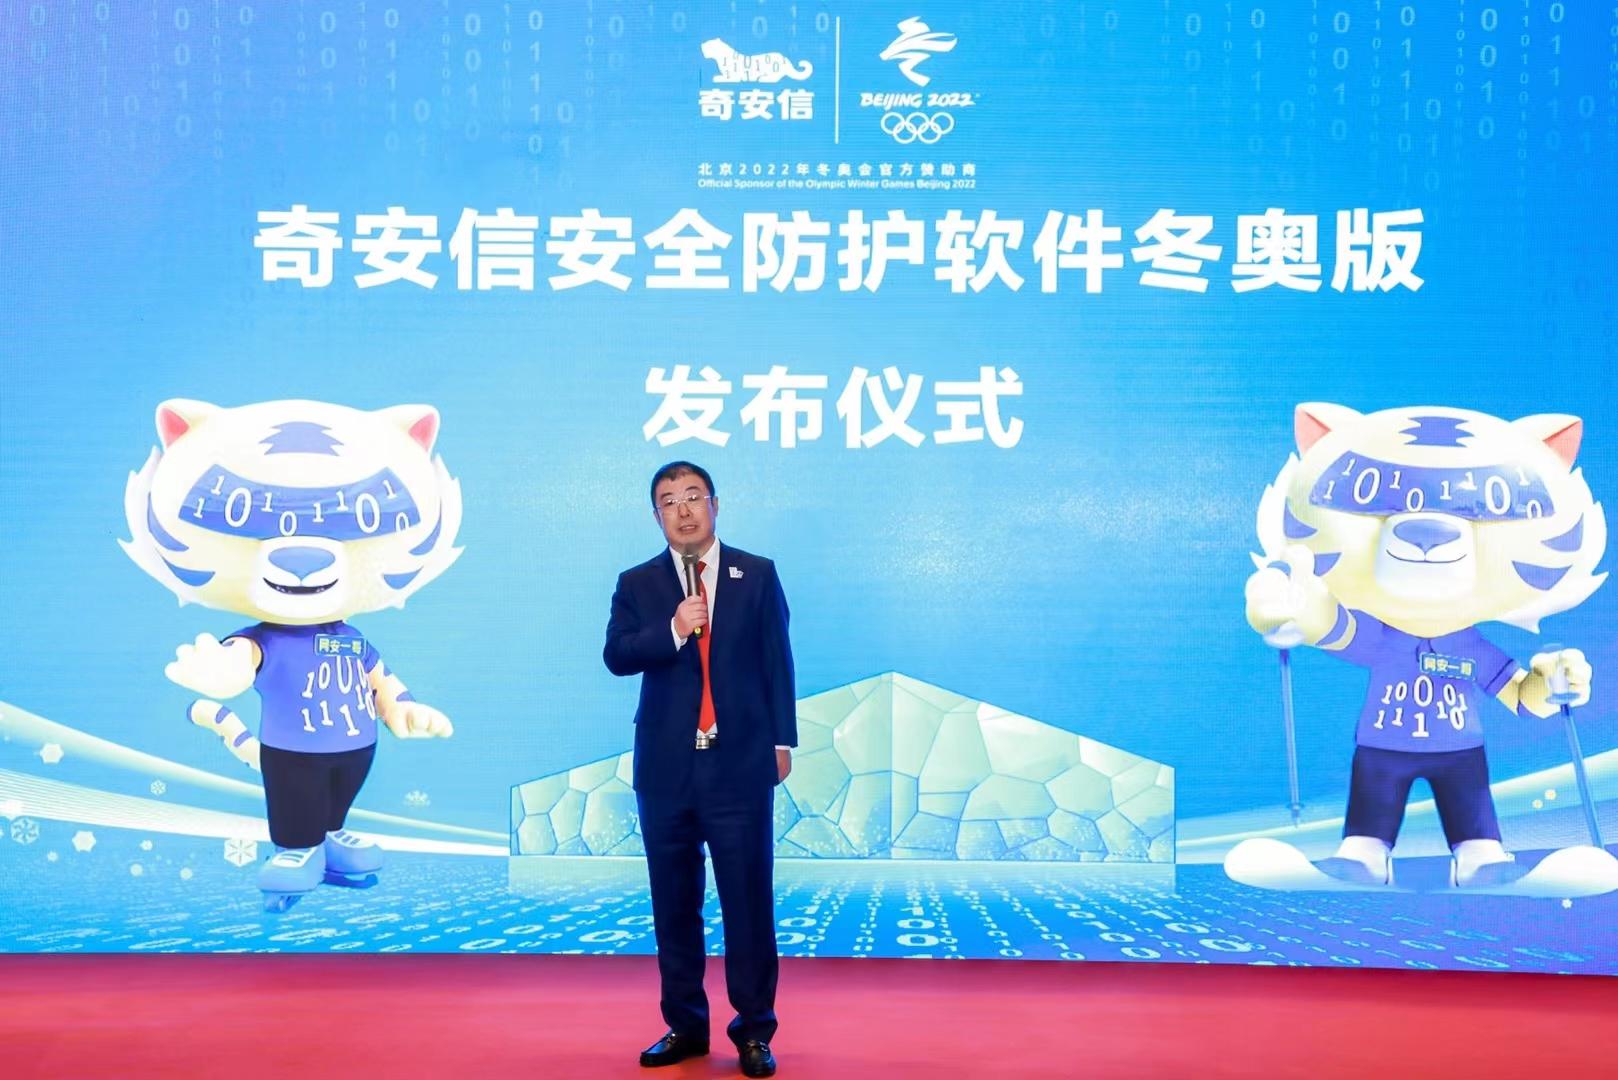 兑现北京冬奥赞助承诺 奇安信安全防护软件冬奥版发布